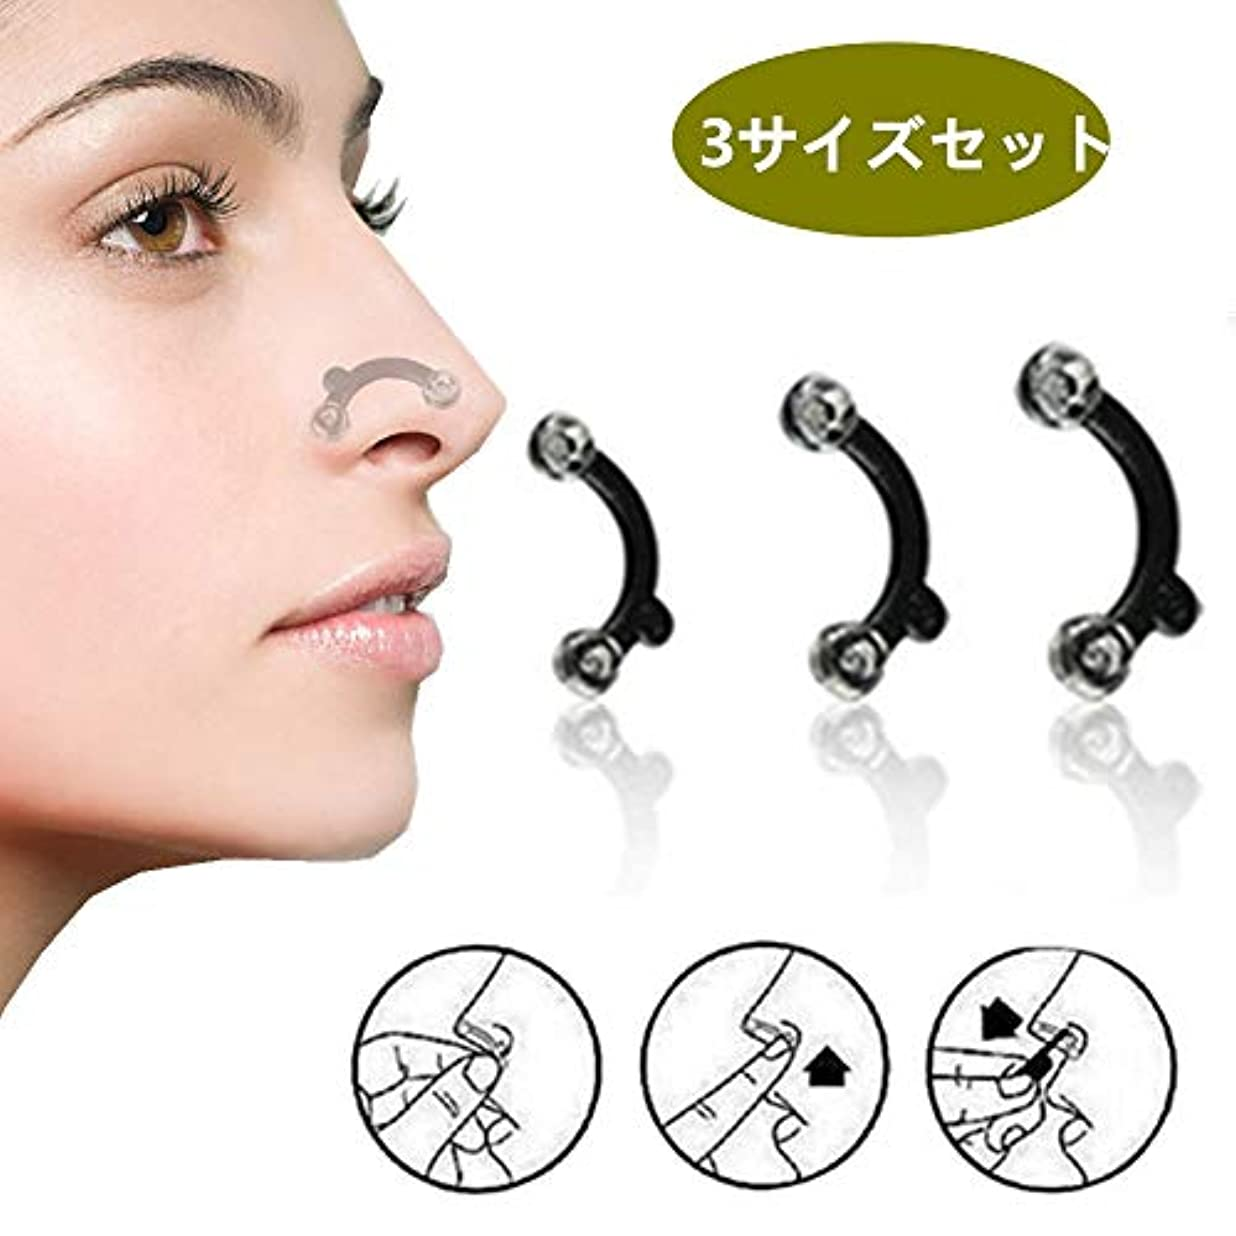 鼻プチ 柔軟性高く ハナのアイプチ 痛くない 矯正プチ 整形せず24.5mm/25.5mm/27mm全3サイズセット ブラック